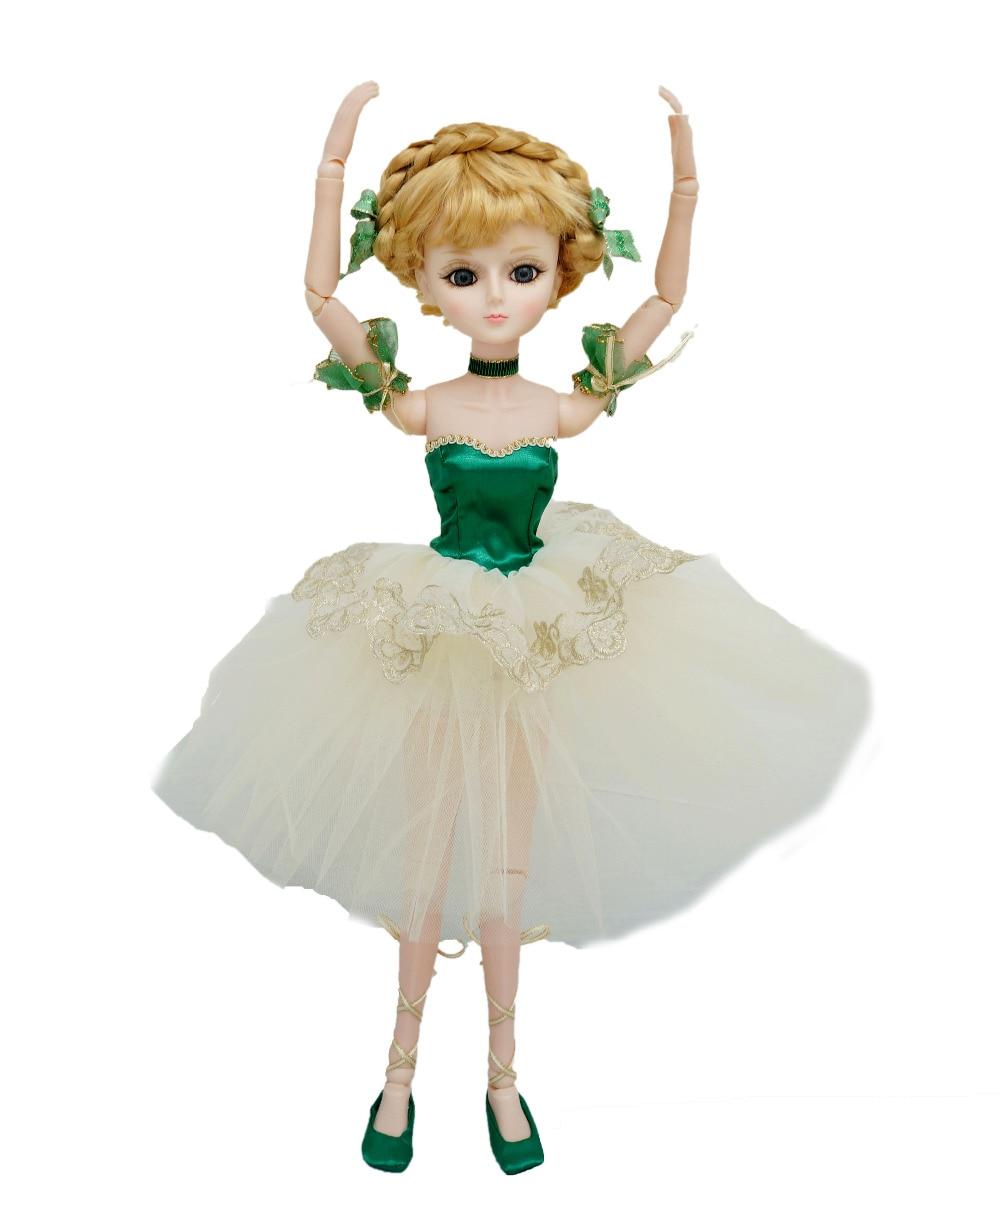 Cosette BJD բալետի տիկնիկները լավ են - Տնային դեկոր - Լուսանկար 4